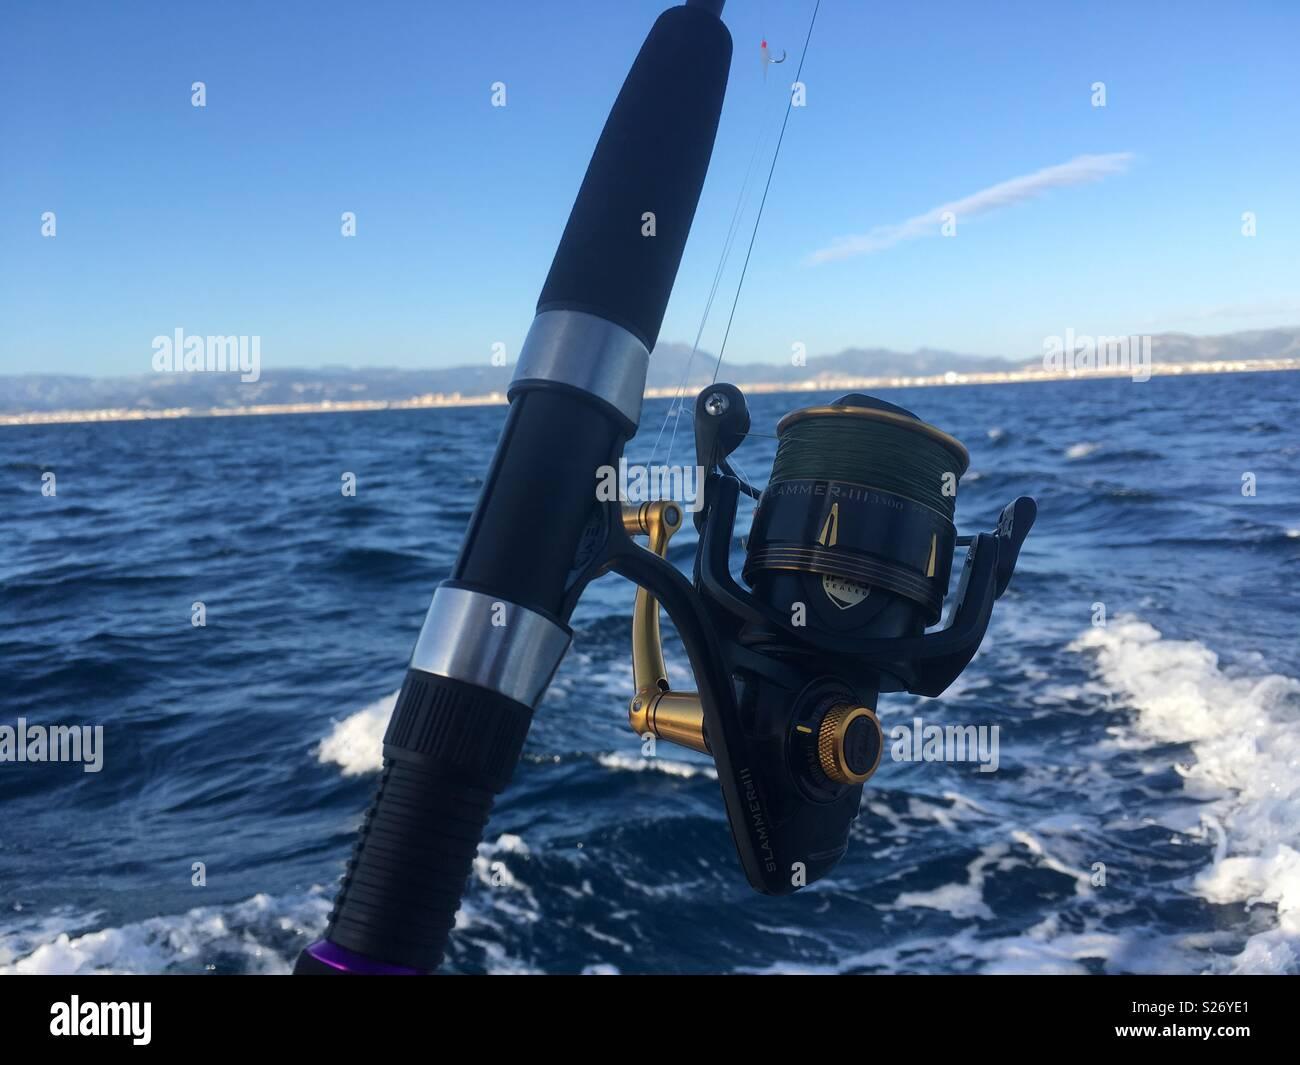 Pesca deportiva con currican en la costa del levante, valencia, españa - Stock Image